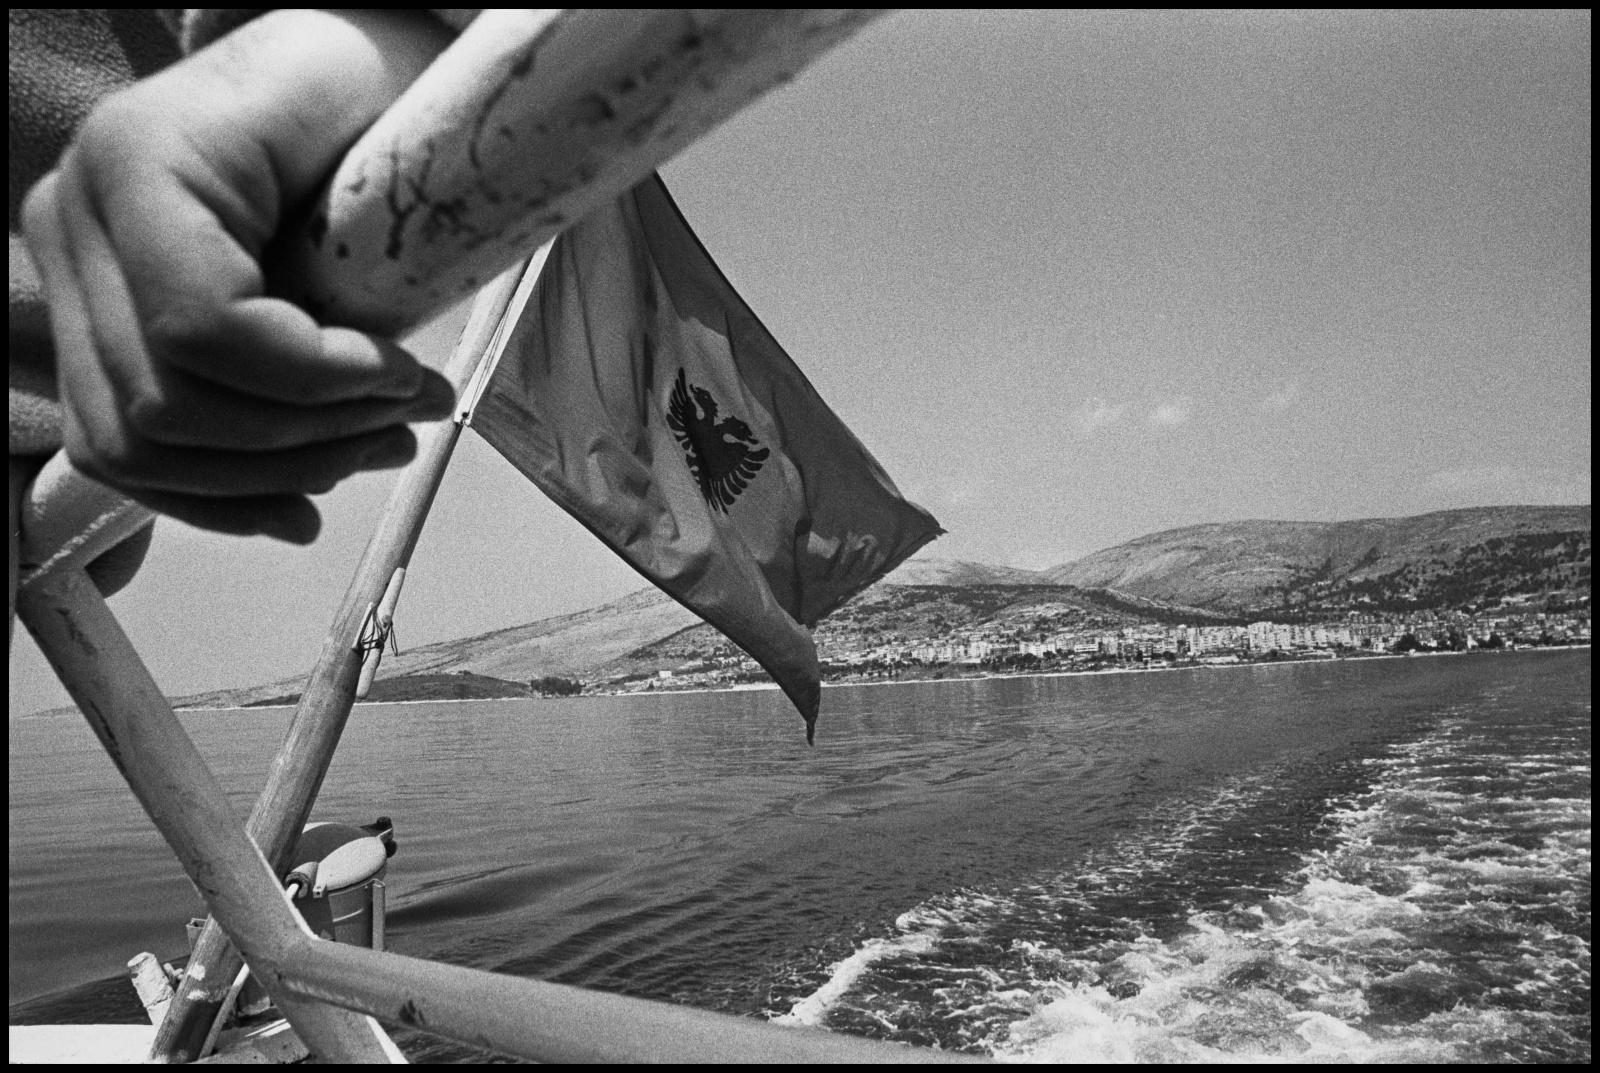 Albania 1997, durante la rivolta popolare dovuta al crollo delle imprese finanziarie piramidali, il paese si è trovato allo sbando e nelle mani delle bande di criminali.  Profughi in fuga da Saranda verso Korfù in Grecia.